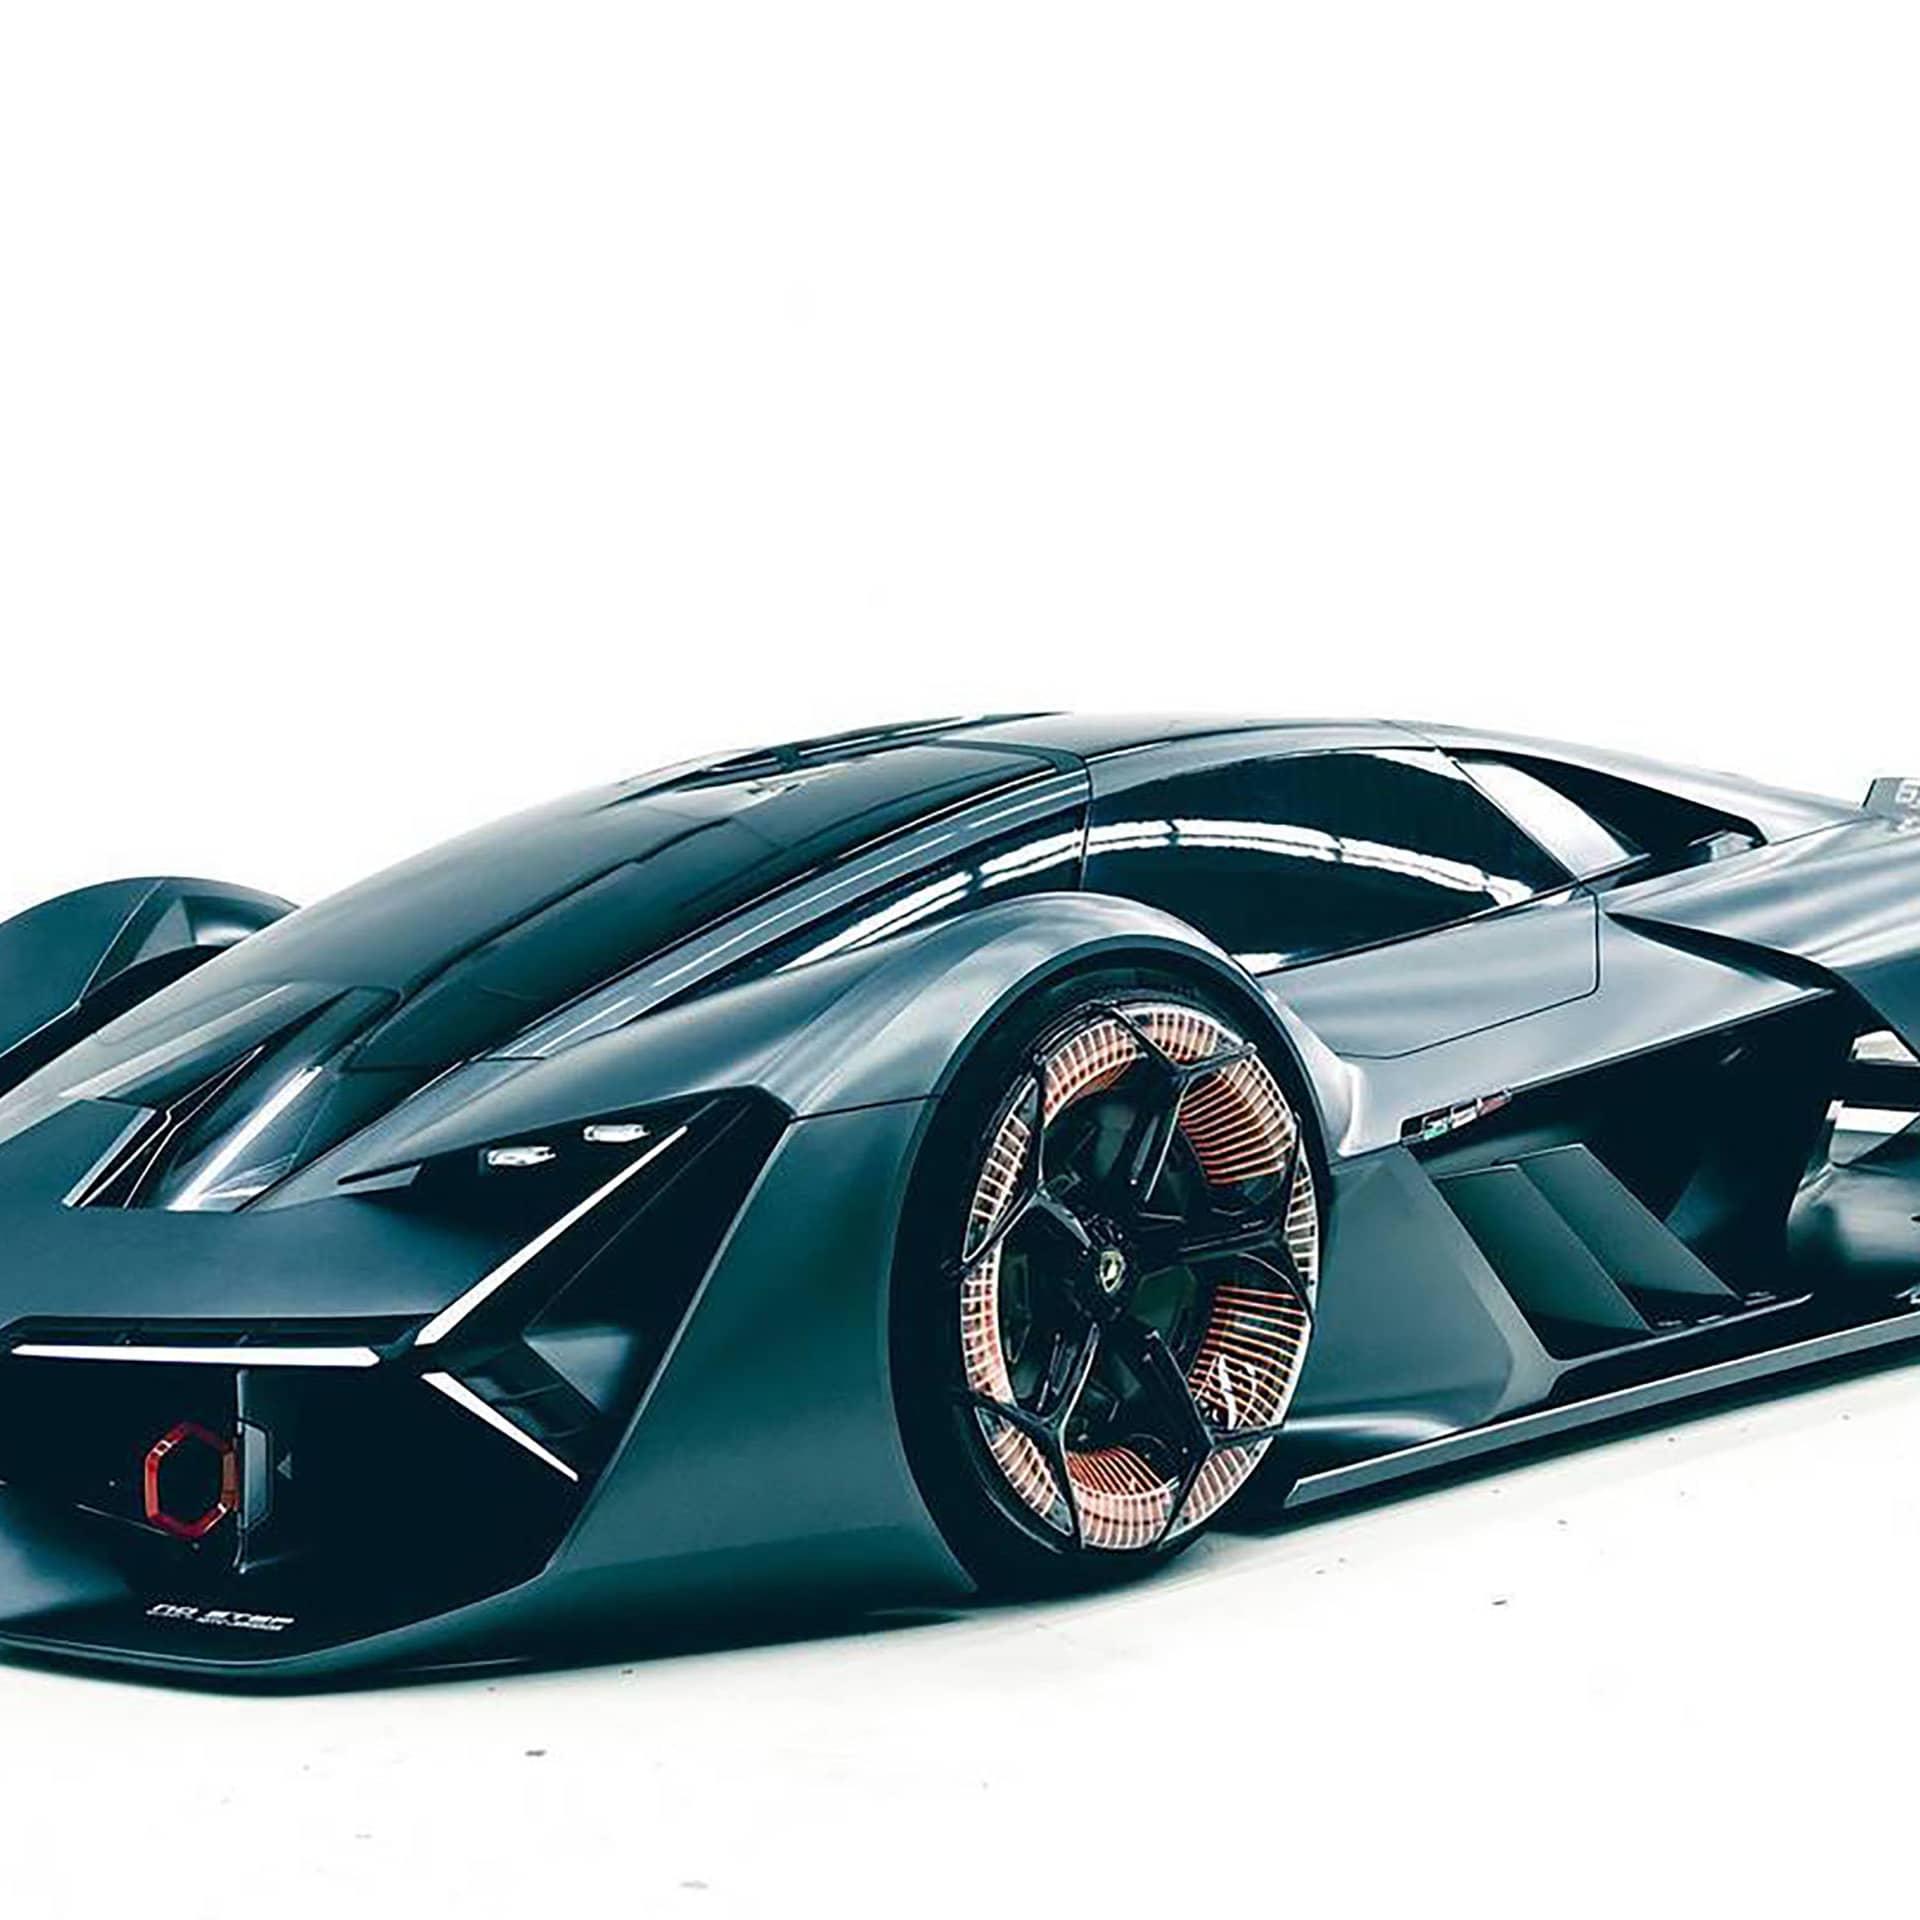 Lamborghini Terzo Millennio är ett samarbete med MIT, Massachusetts Institute of Technology i USA där man visar vad framtiden har att inbringa när det kommer till elektrifiering.